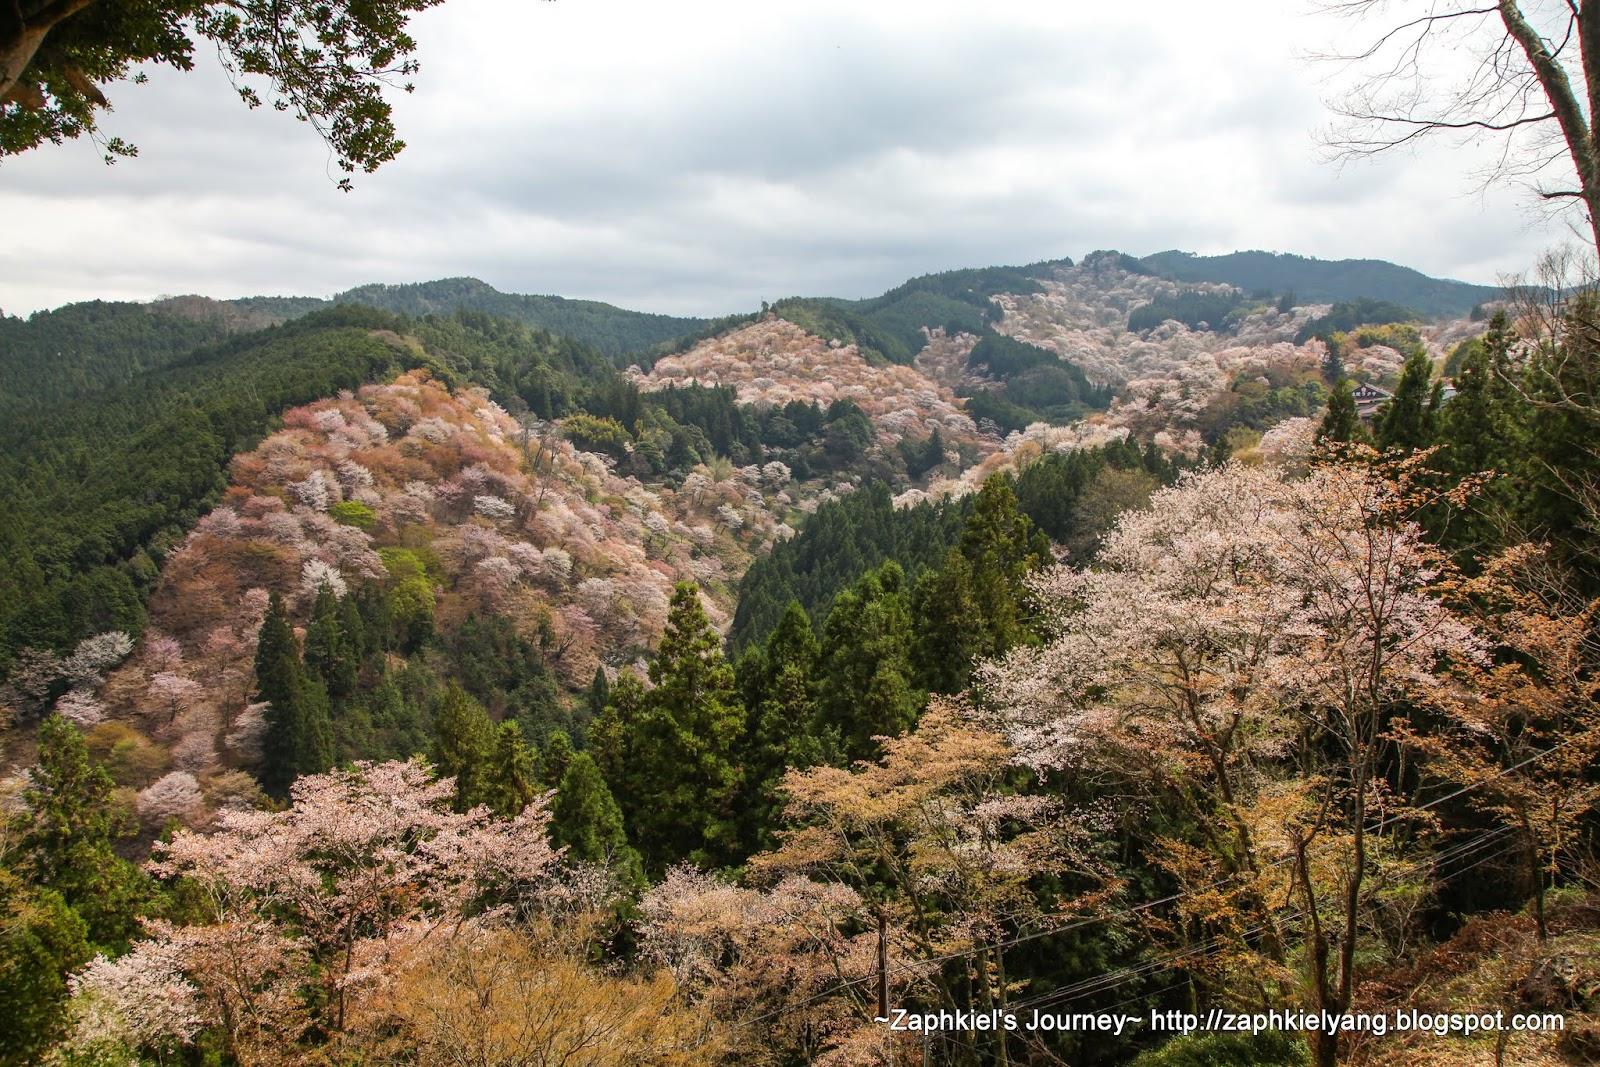 【日本 奈良】2015春季日本賞櫻行Day16 - 一目千本的奈良吉野山櫻花